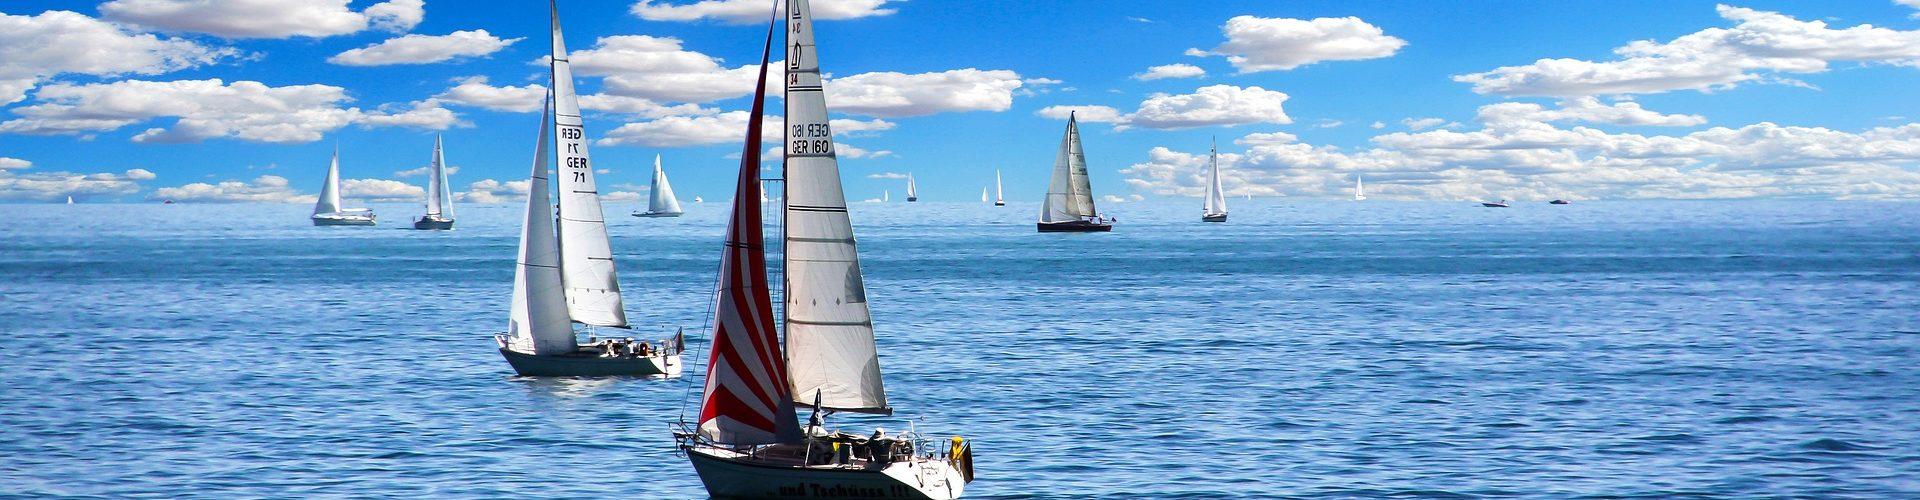 segeln lernen in Friedberg segelschein machen in Friedberg 1920x500 - Segeln lernen in Friedberg